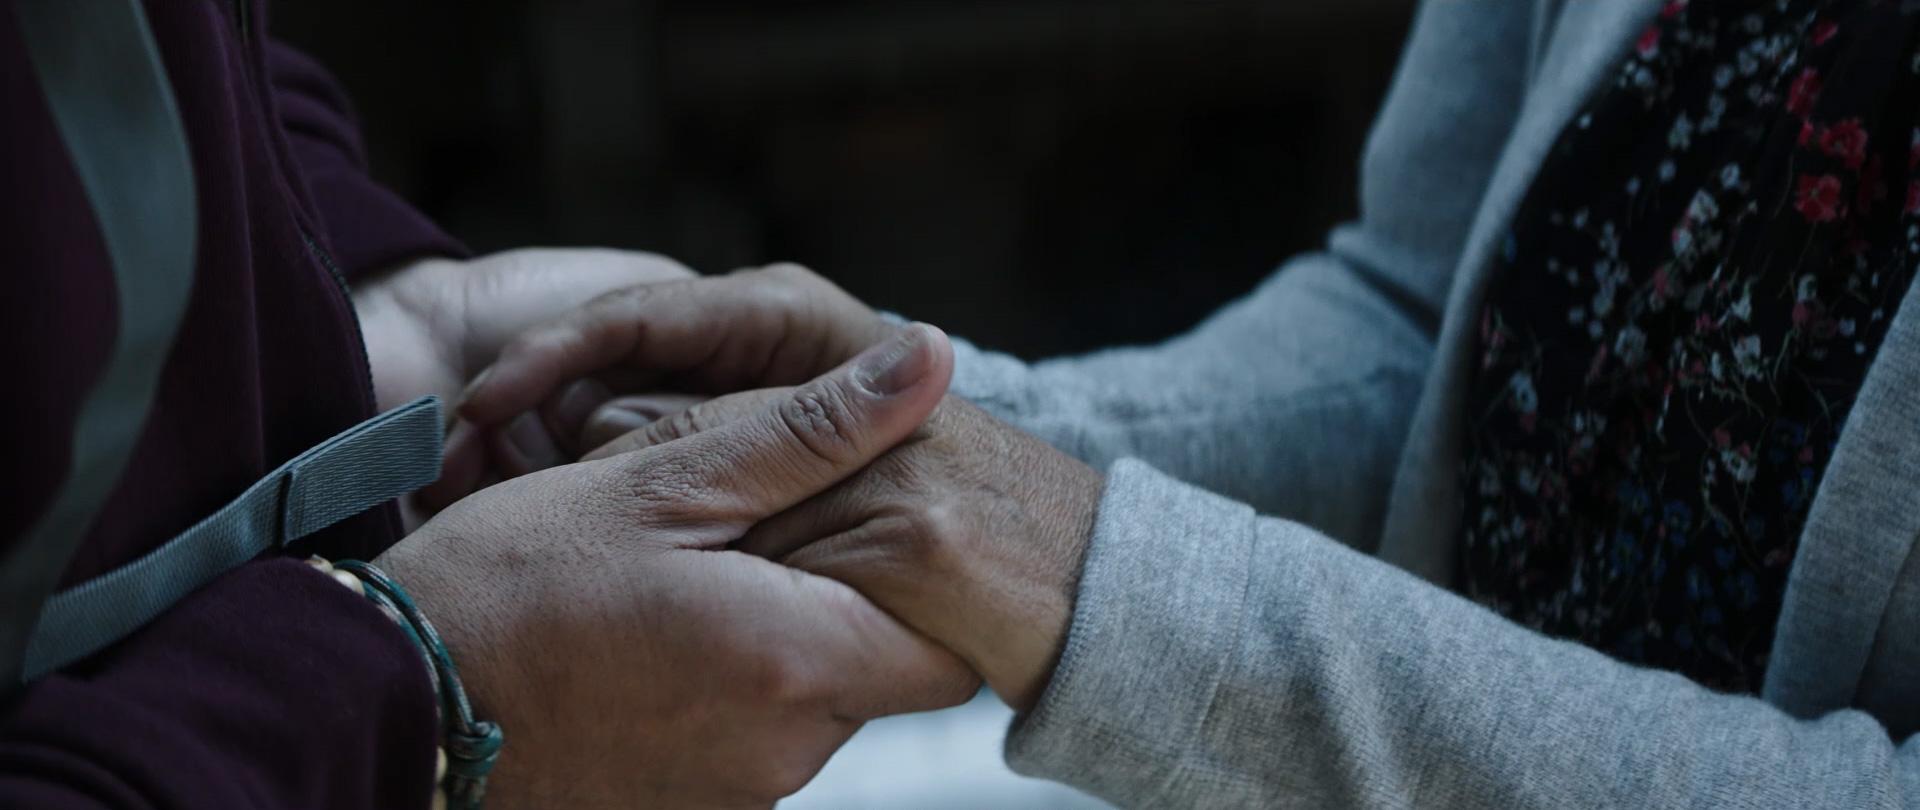 sich haltende Hände – Abschied